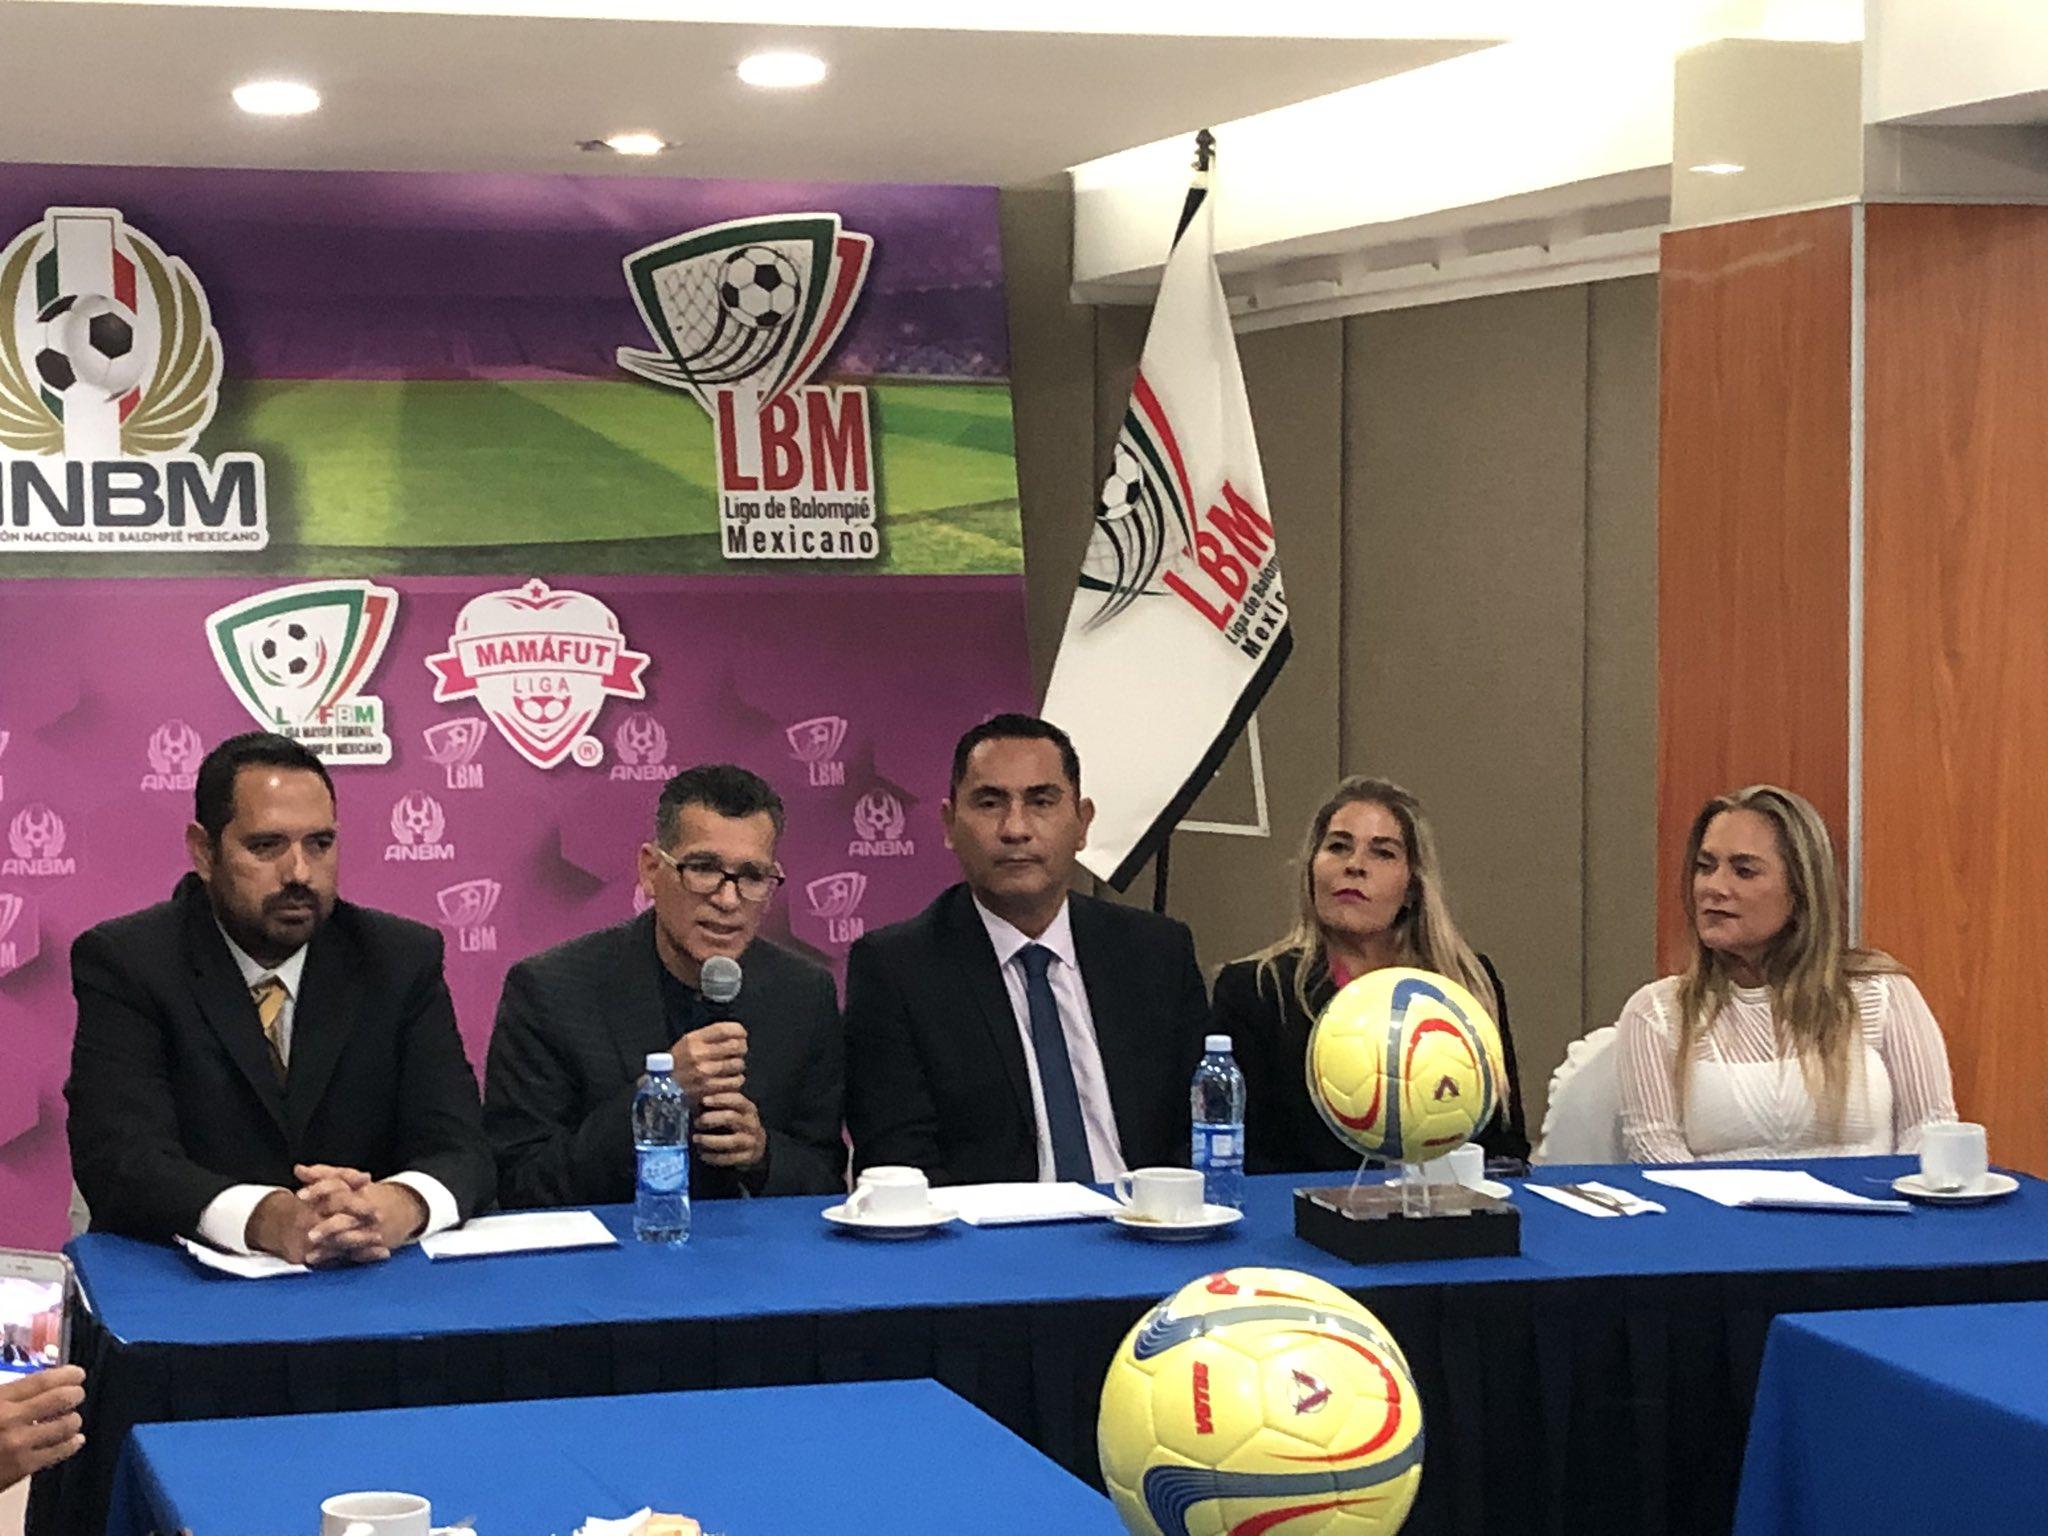 LBM fija tope salarial de hasta 150 mil pesos mensuales para jugadores que hayan defendido la playera de la Selección Mexicana